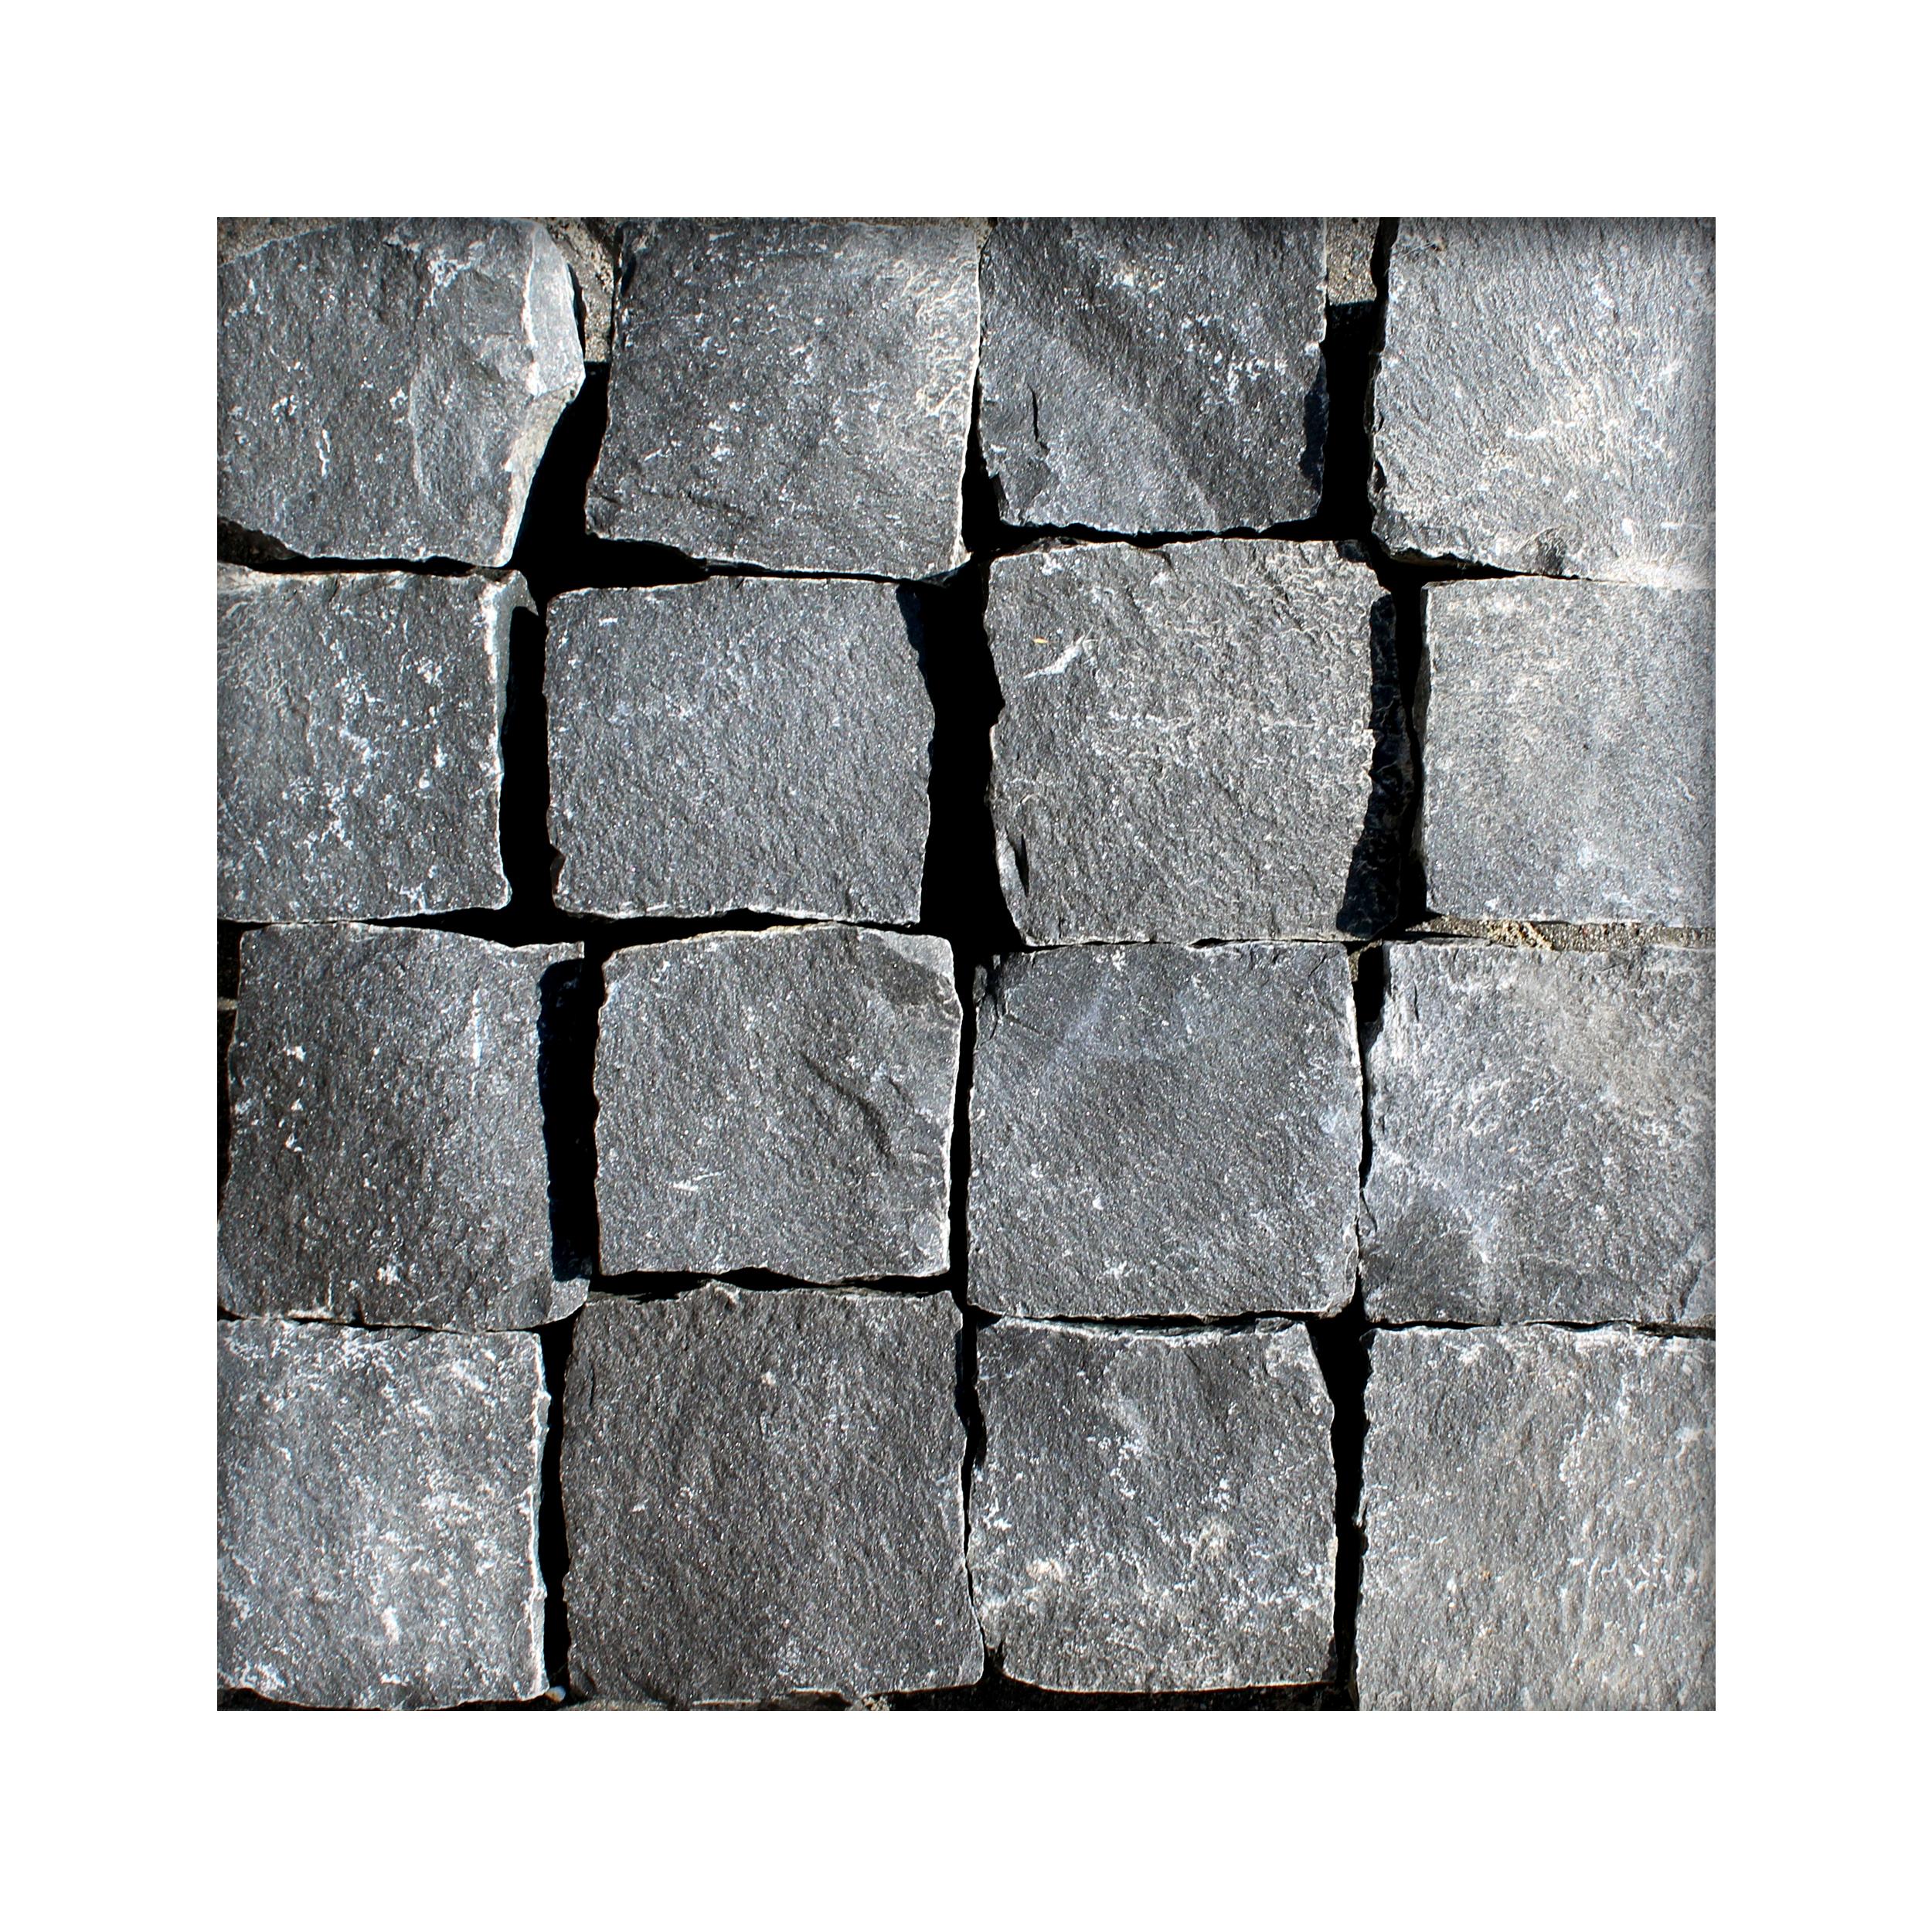 Basalt Pflaster 10 x10 x8-10 cm Basaltpflaster Pflasterstein Naturstein 170 €//m²